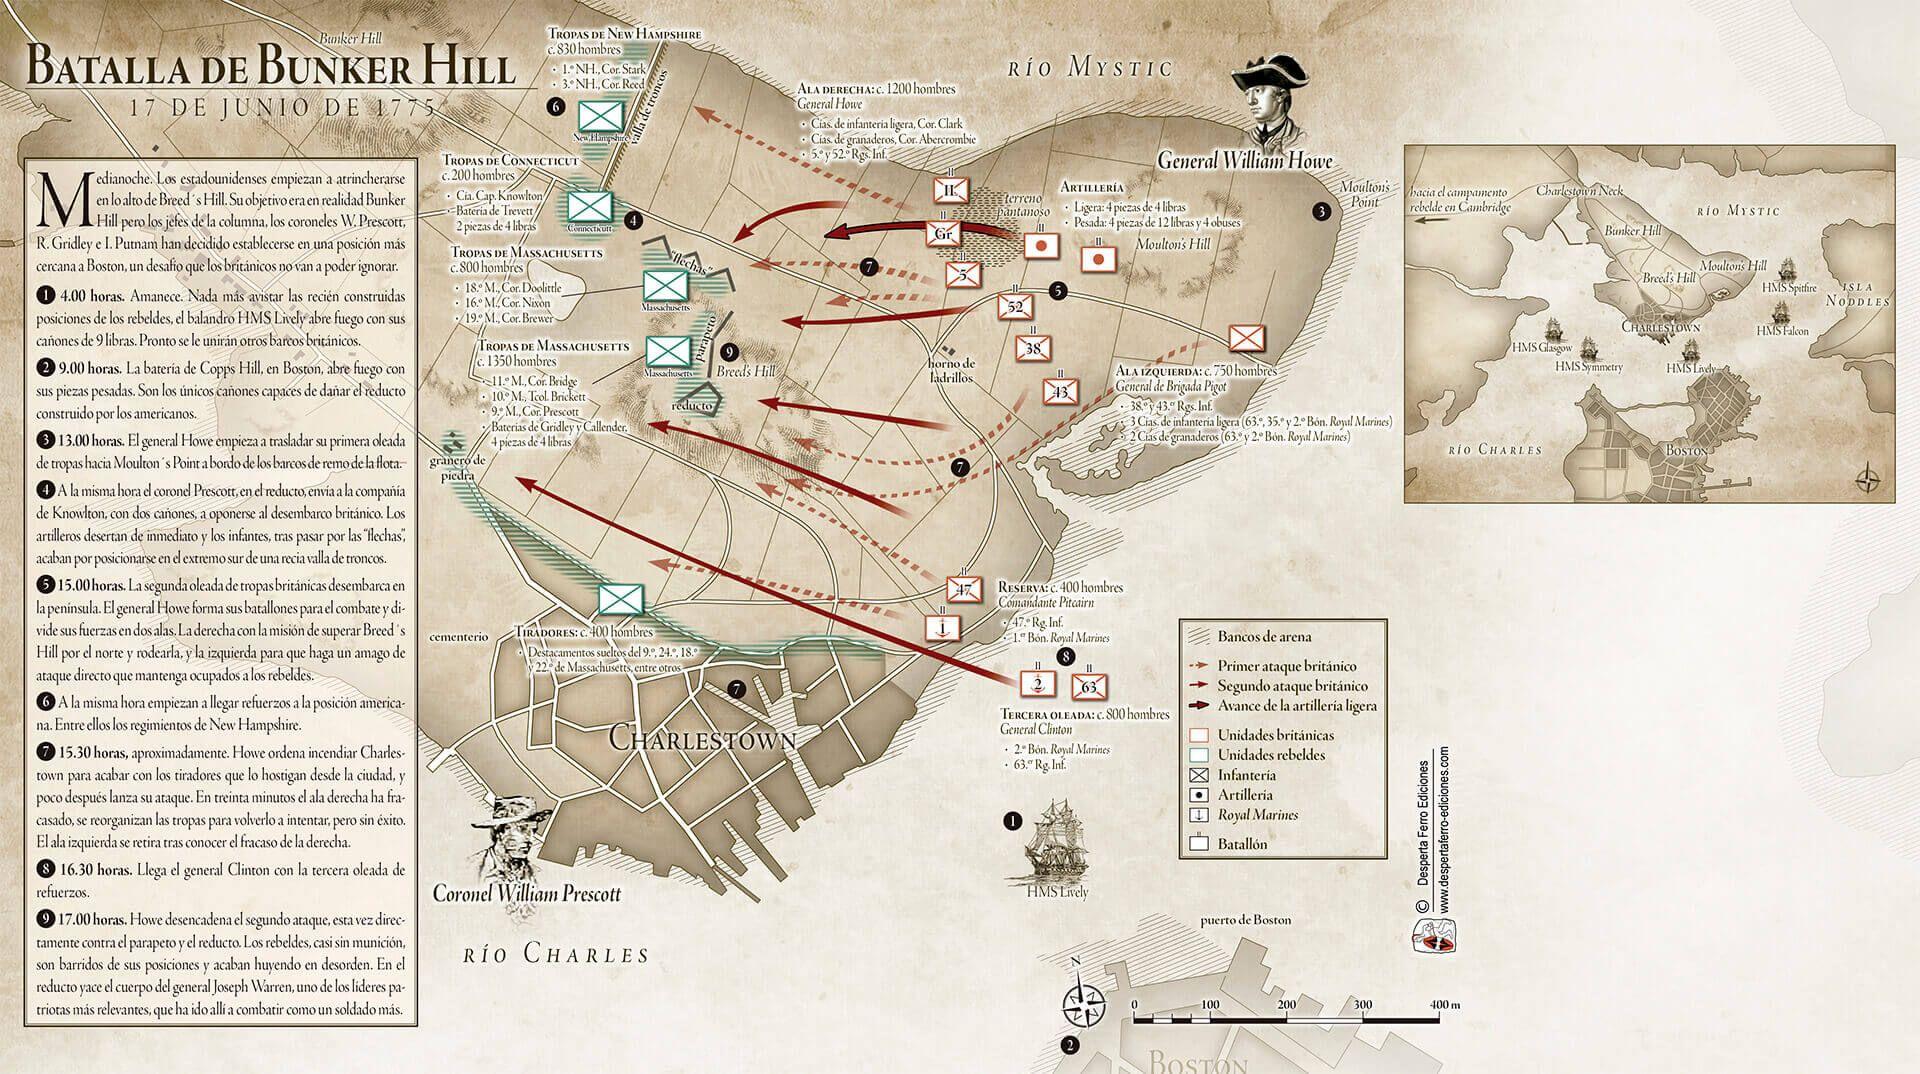 Mapa de la batalla de Bunker Hill 1775